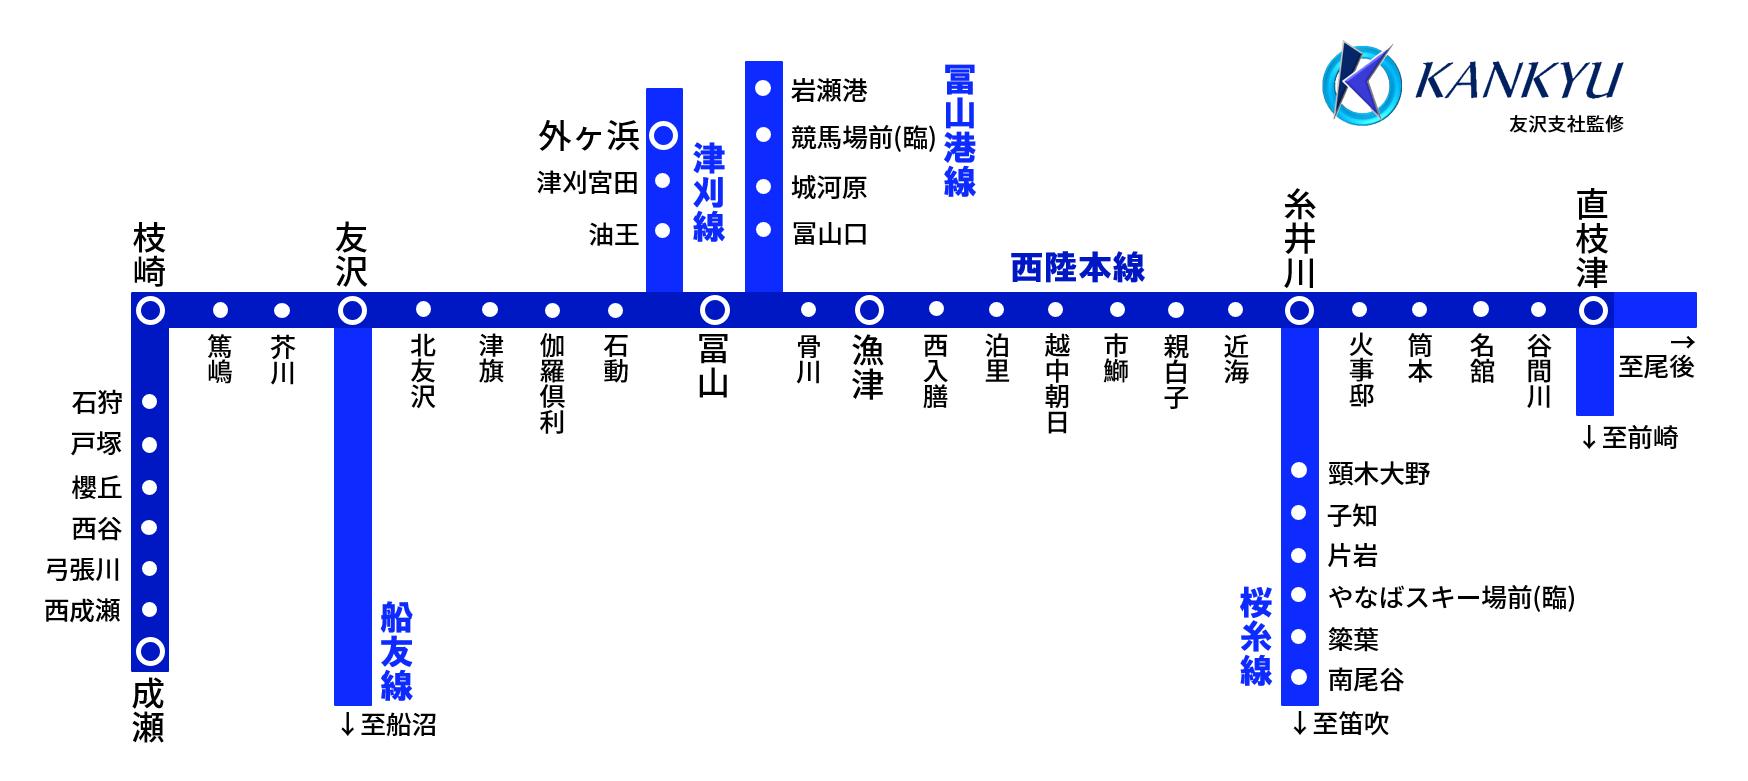 西陸本線 路線図2.png